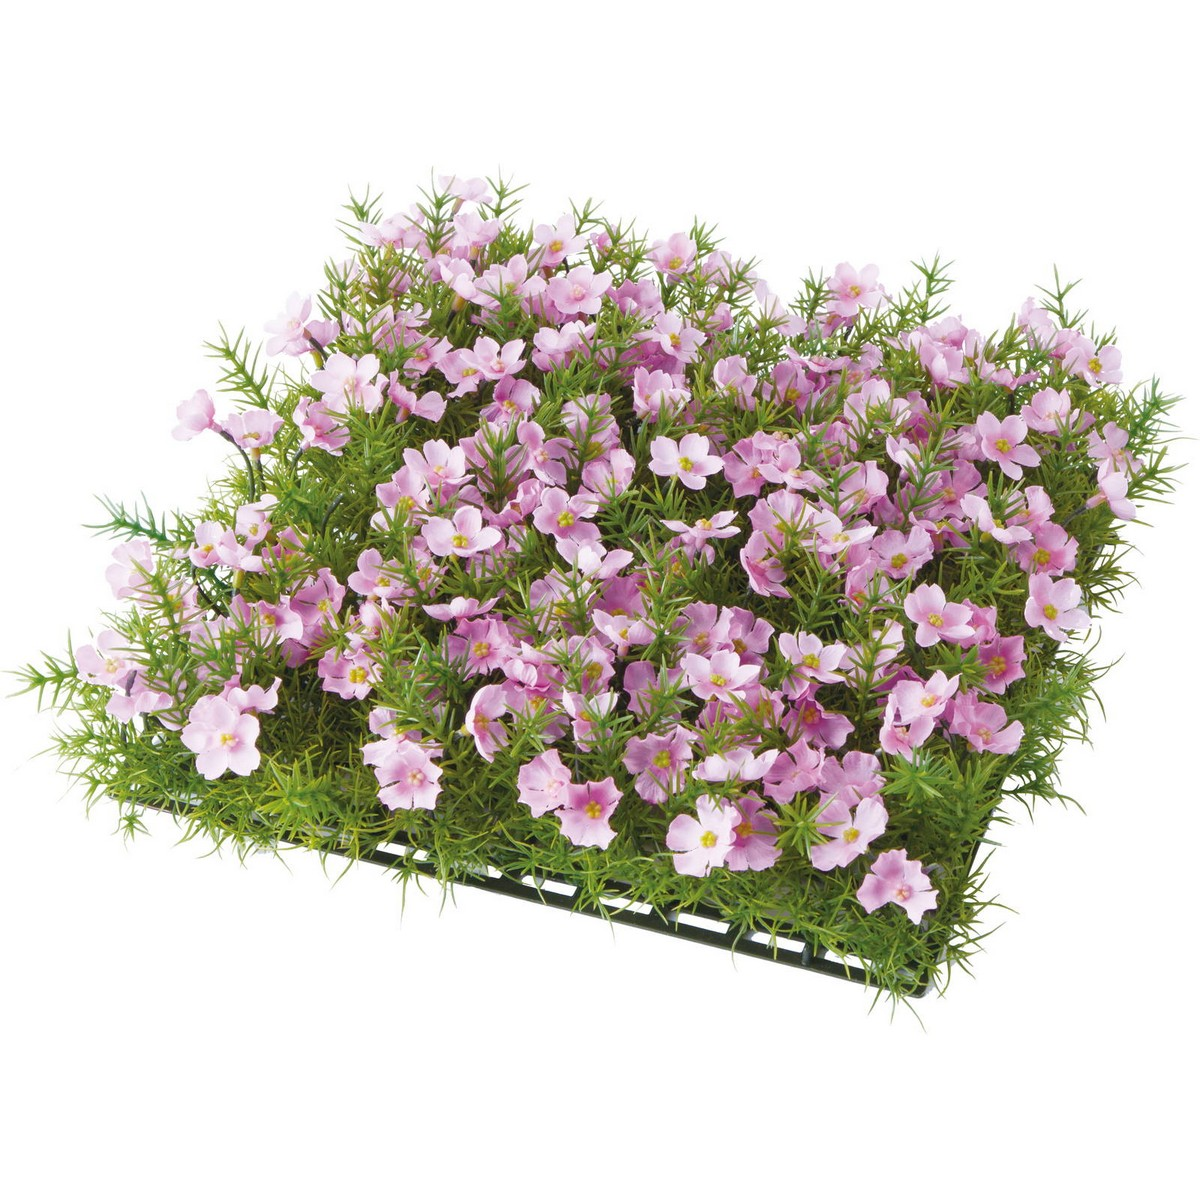 【造花】YDM/シバザクラマット ピンク/GL-MB035-P【01】【01】【取寄】《 造花(アーティフィシャルフラワー) 造花 花材「さ行」 さくら(桜) 》